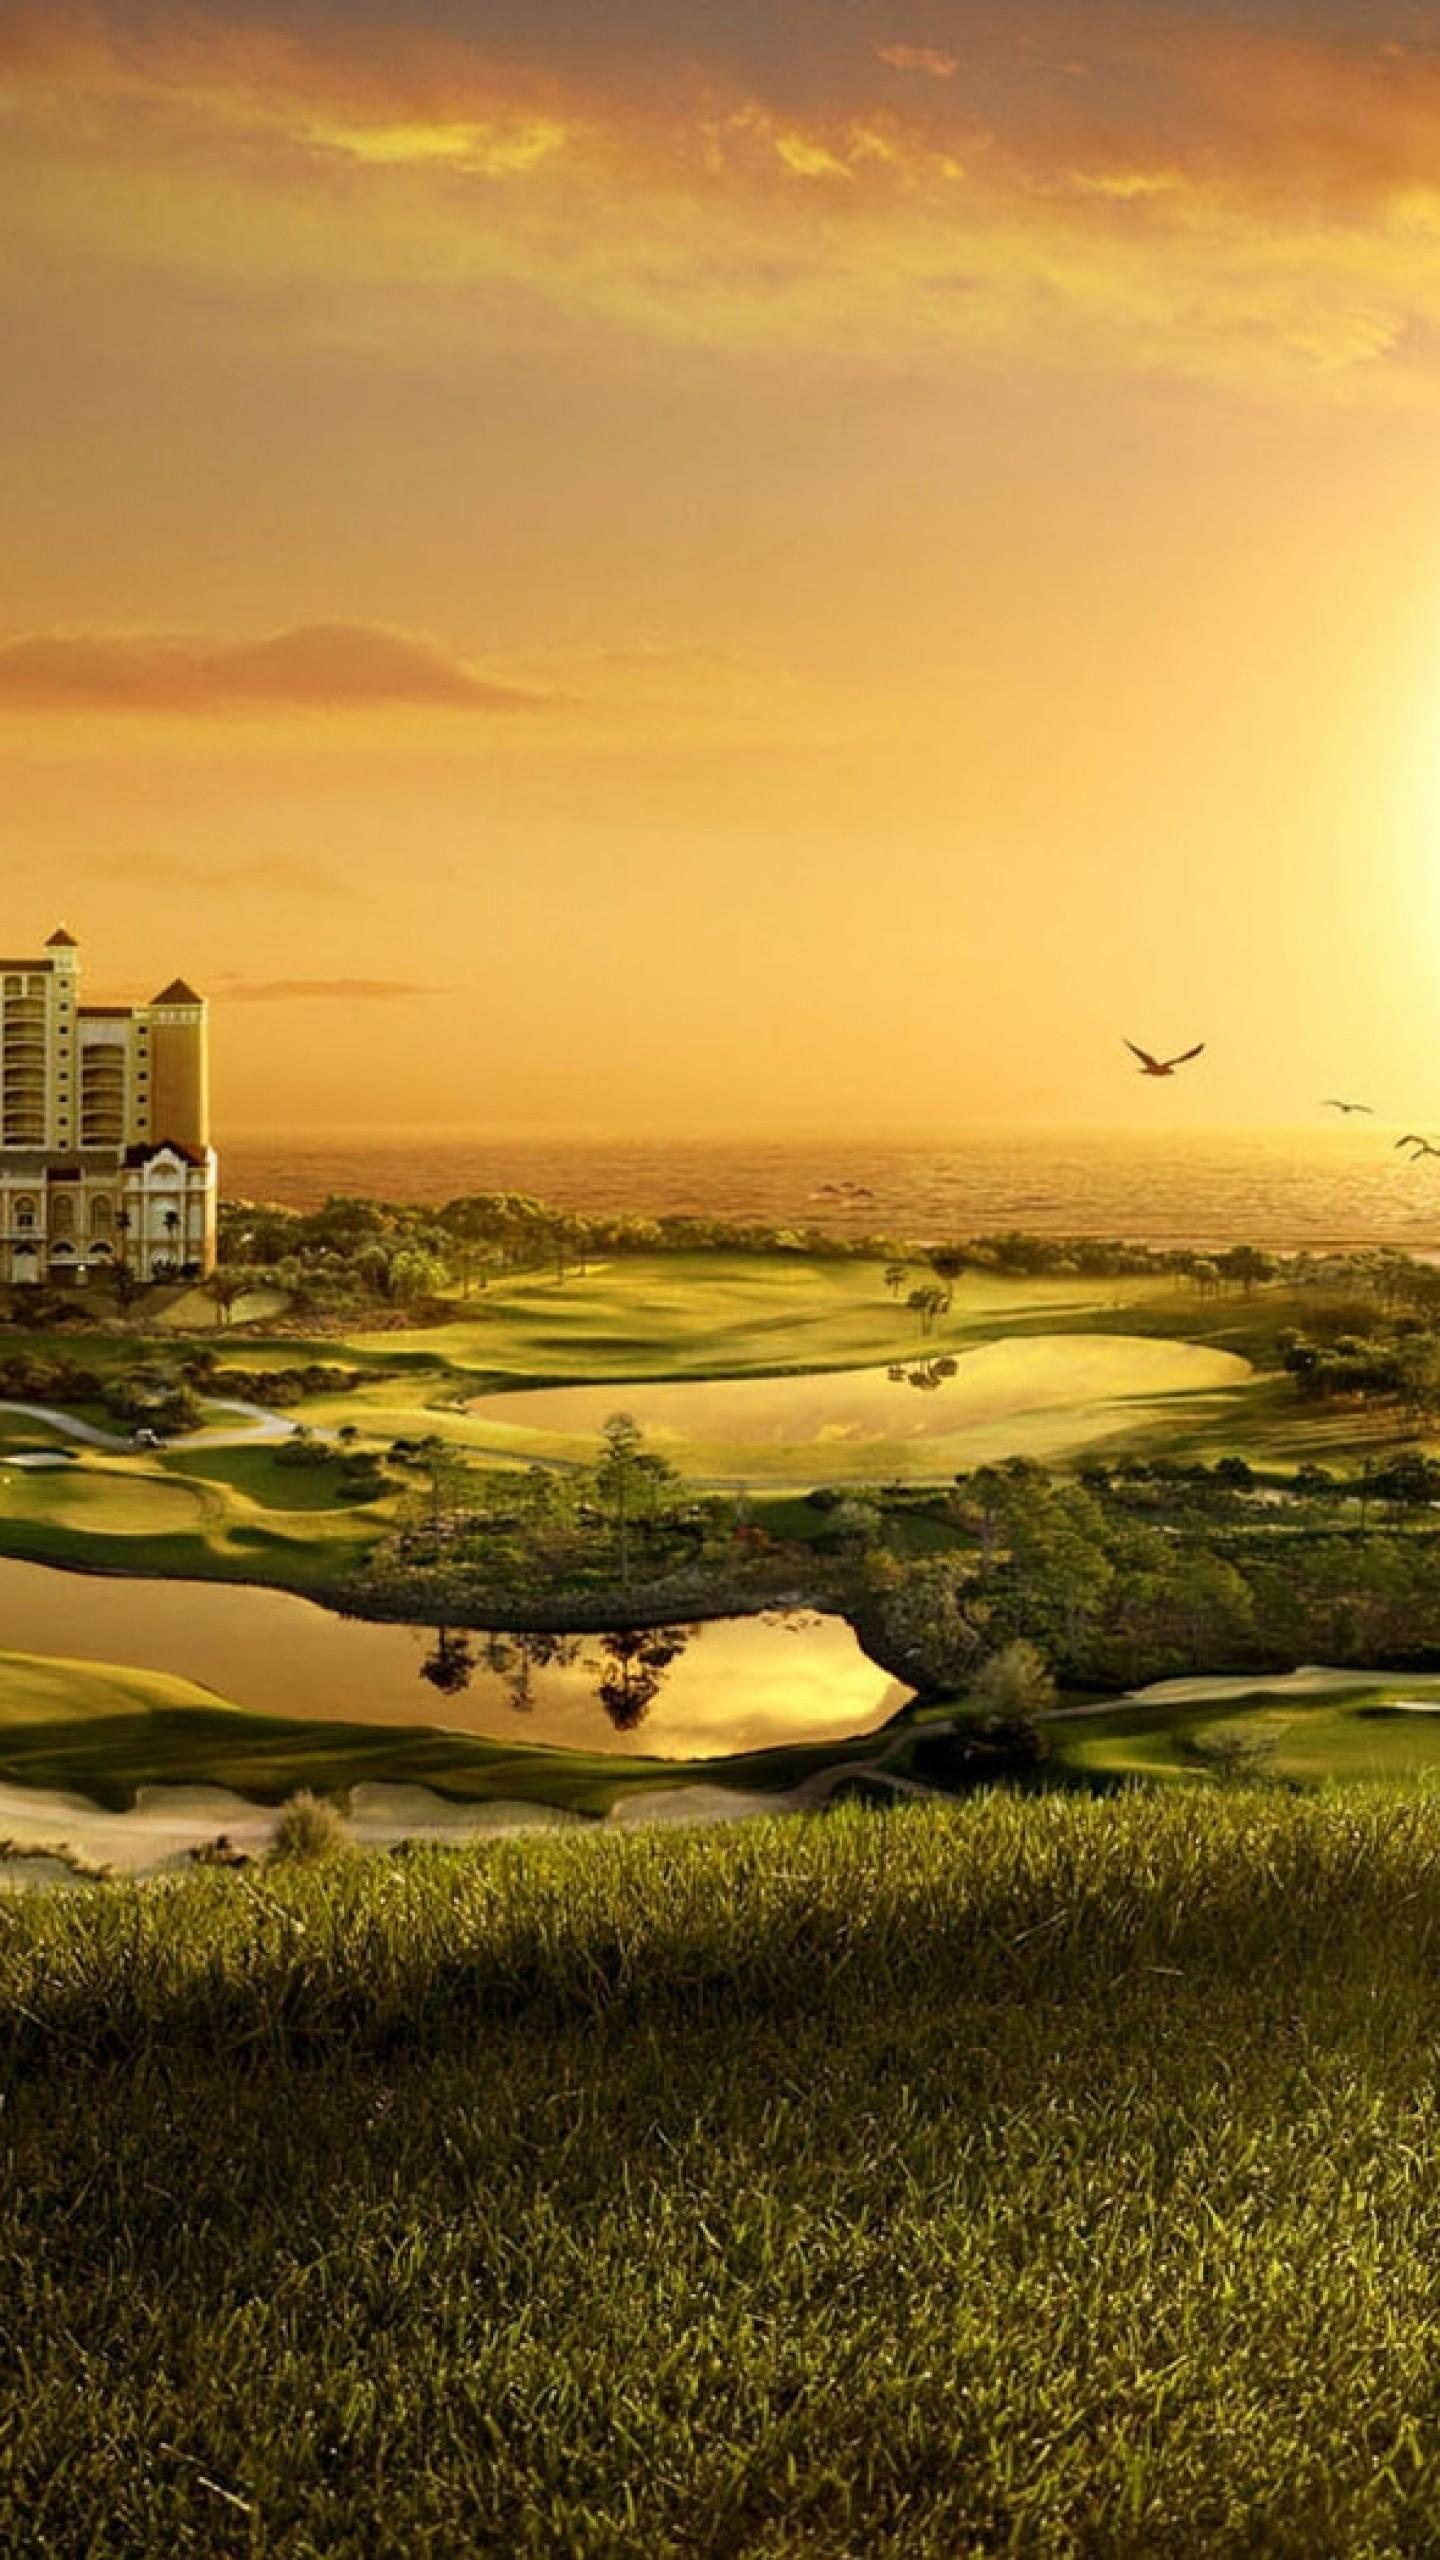 Wallpaper building, golf, decline, evening, cool, original,  fields,